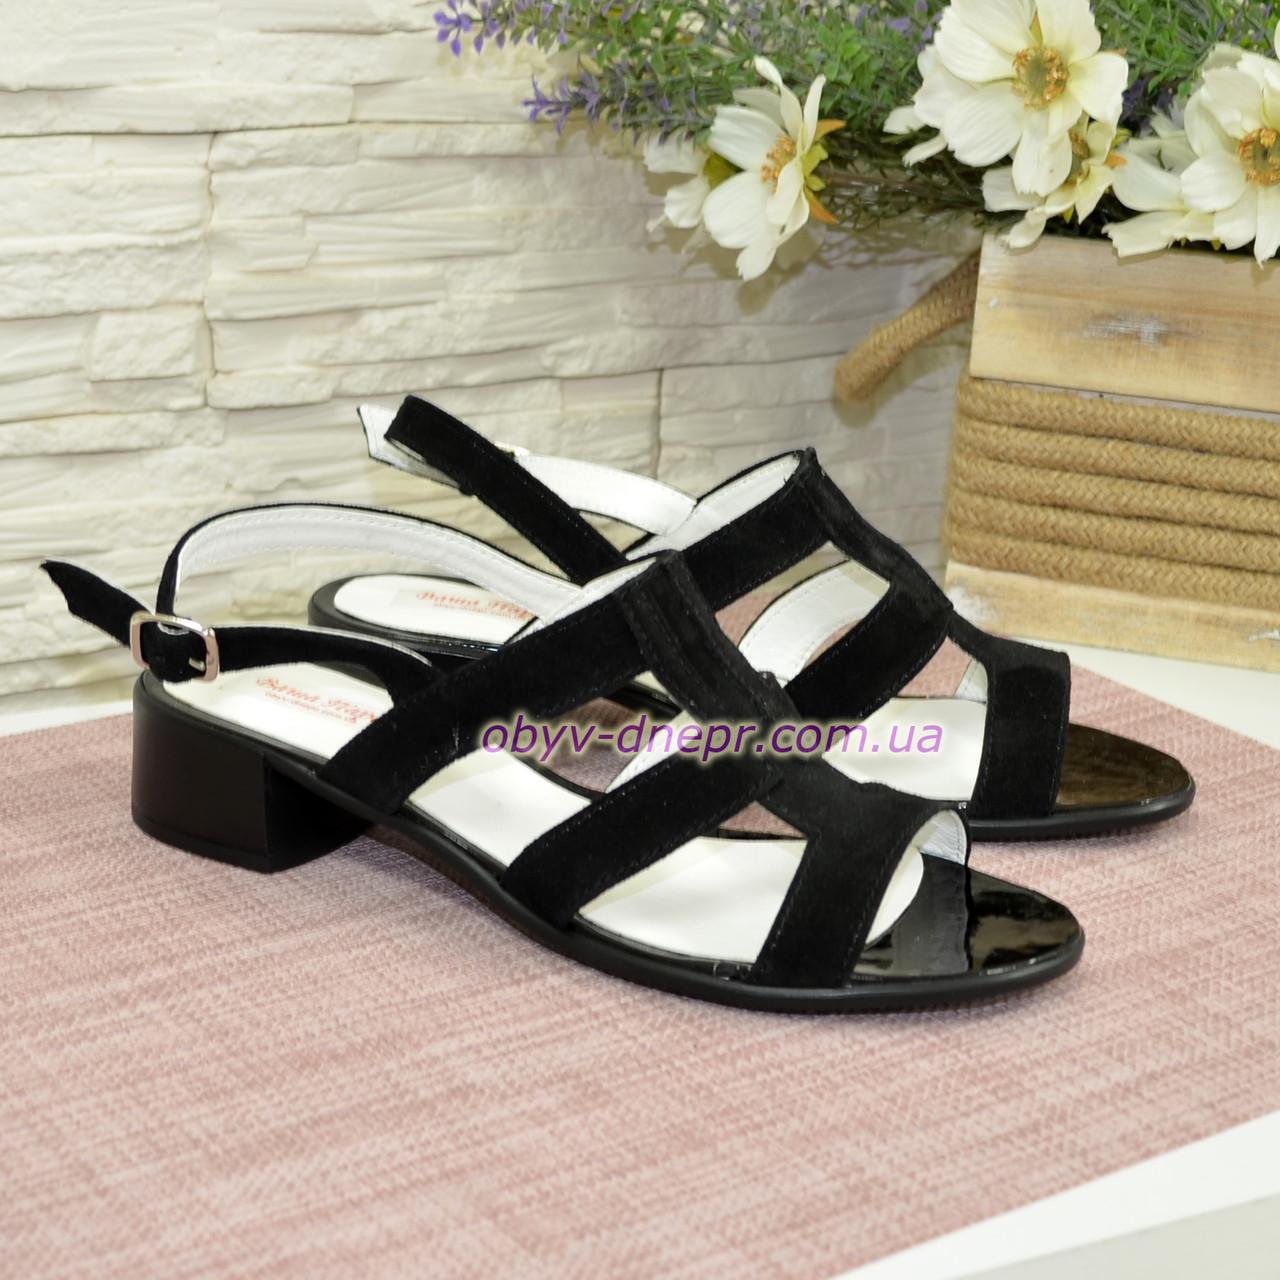 Женские замшевые босоножки на маленьком каблуке